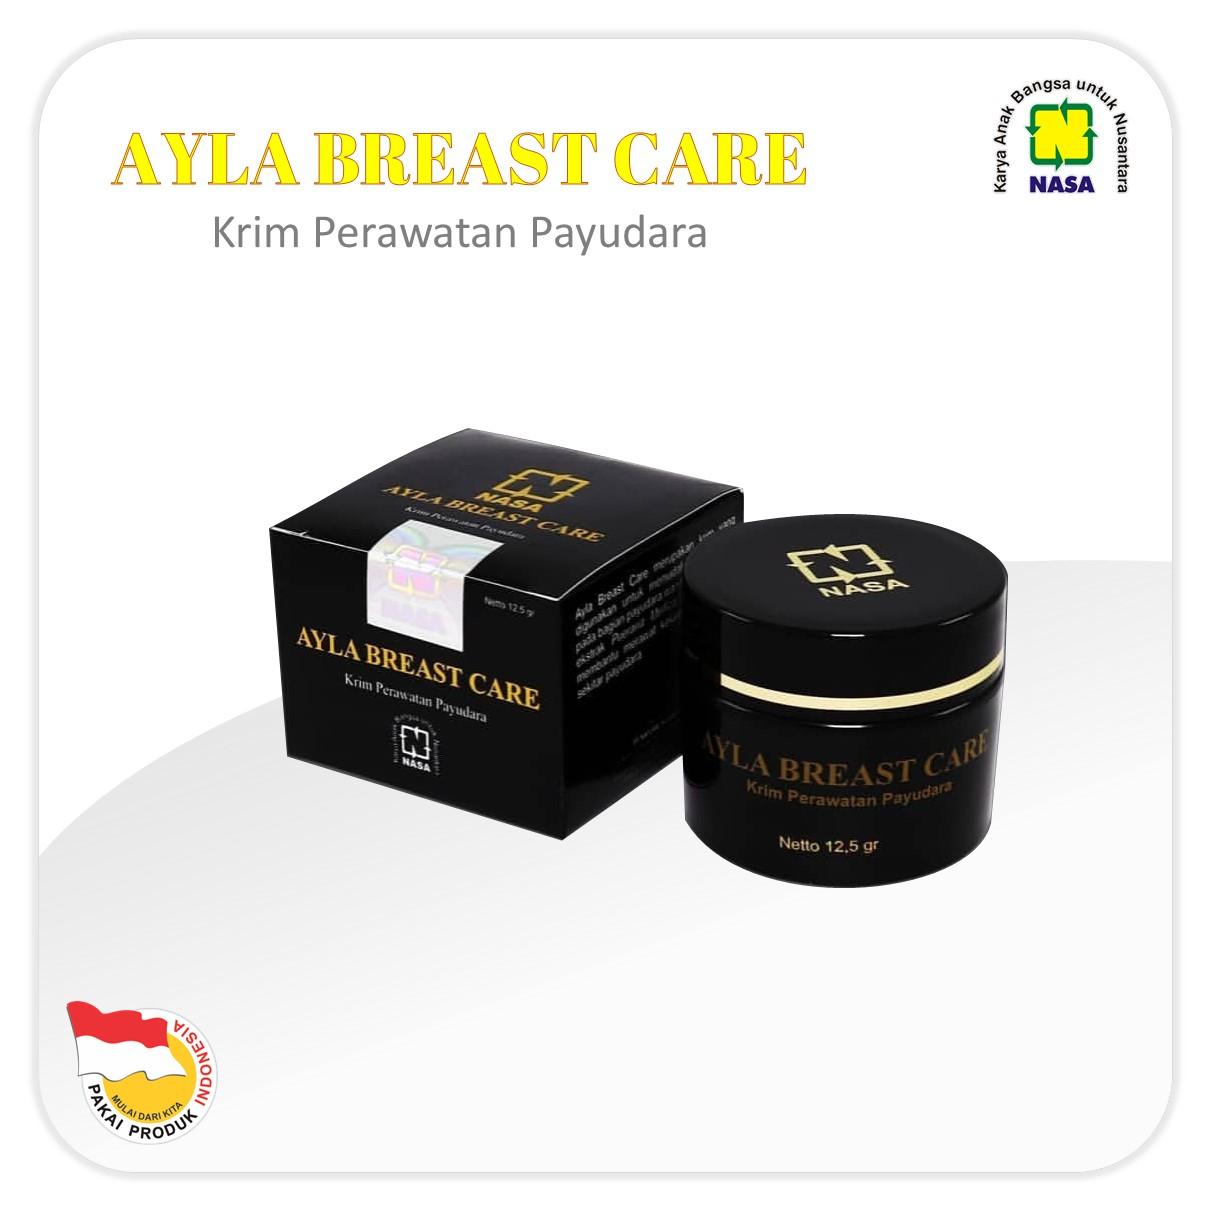 AYLA Breast Care – Krim Perawatan Payudara